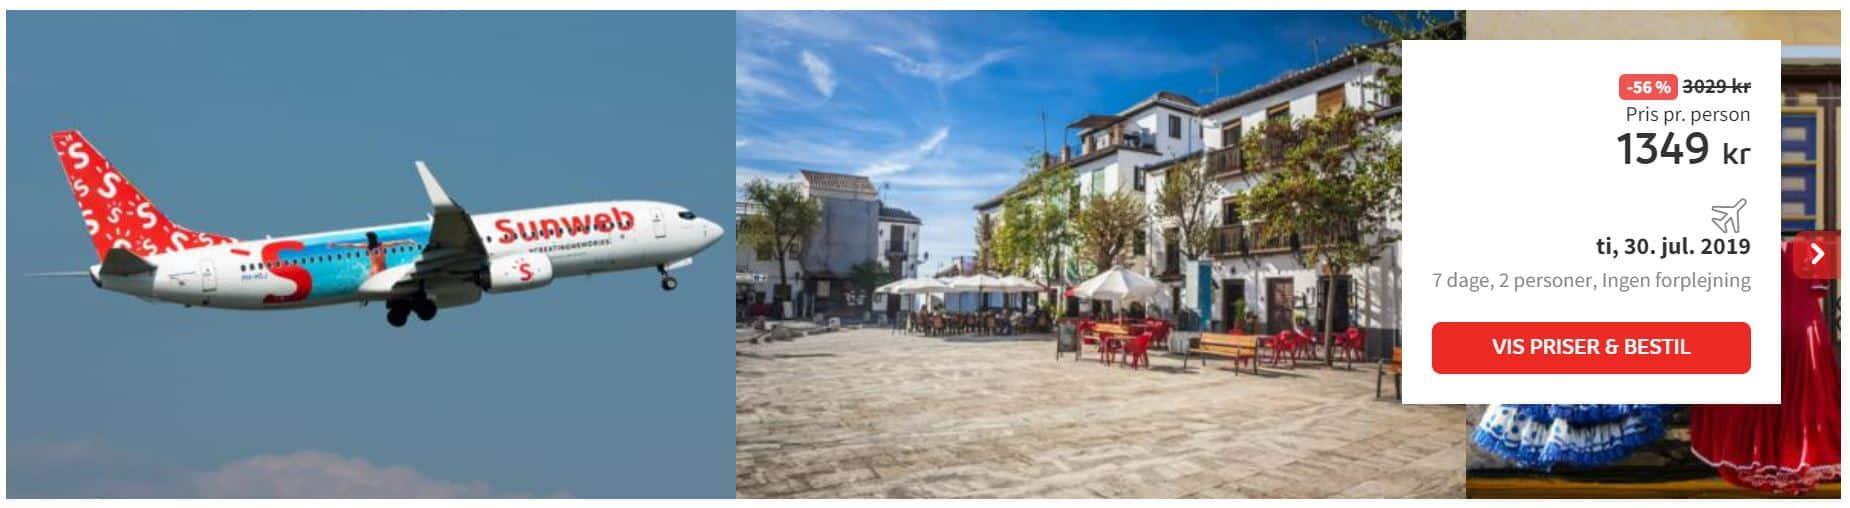 Flybilletter til Malaga i Spanien